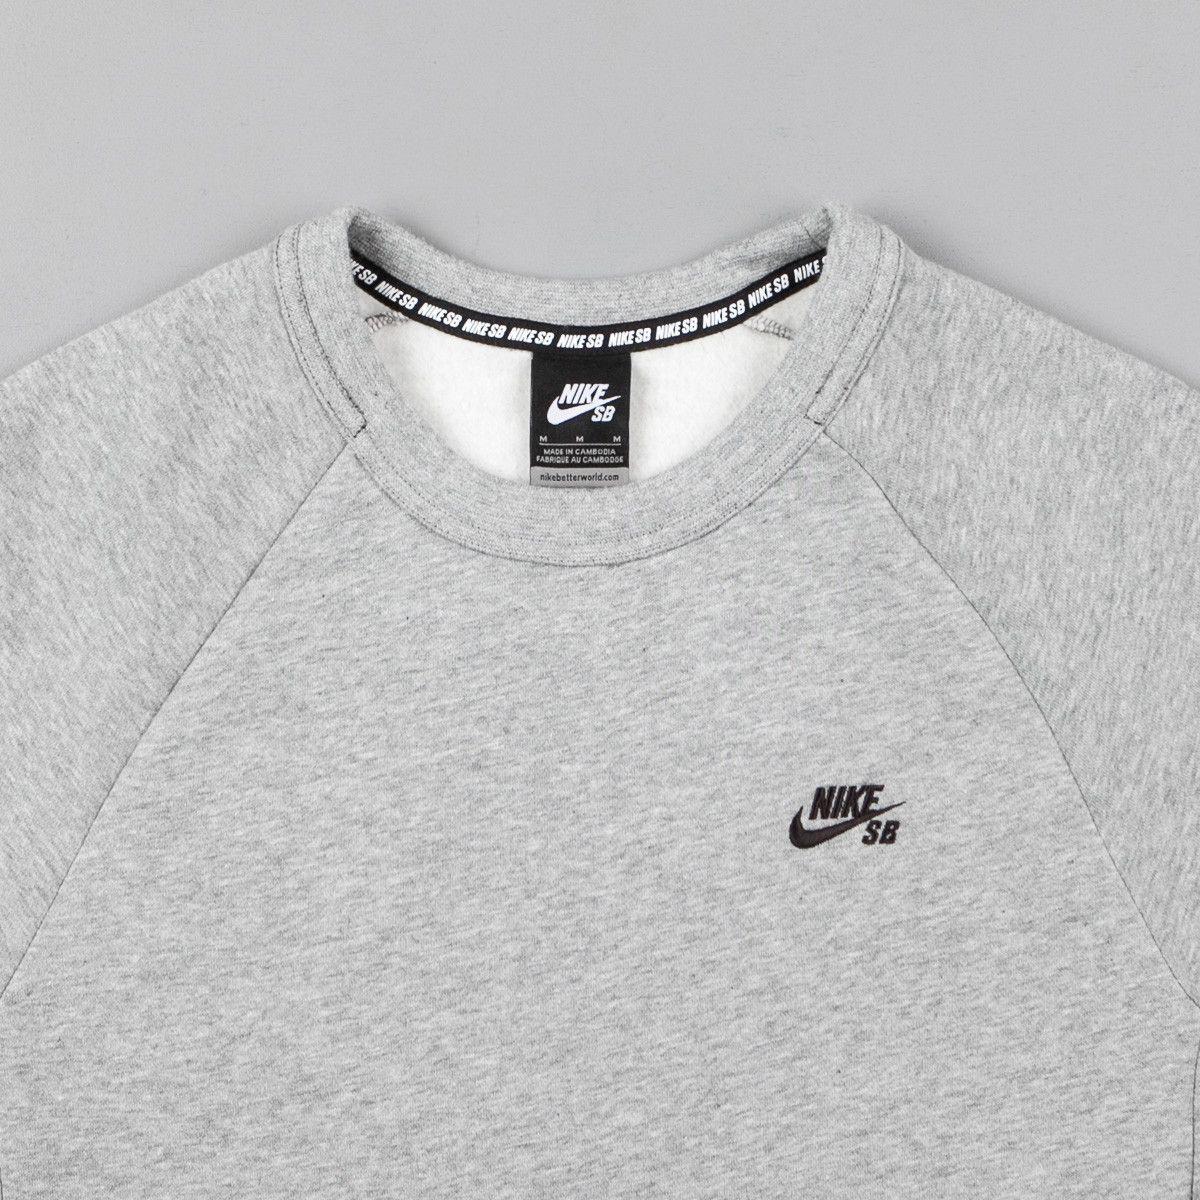 Predownload: Nike Sb Icon Crew Neck Sweatshirt Dark Grey Heather Black Crew Neck Sweatshirt Heather Black Sweatshirts [ 1200 x 1200 Pixel ]